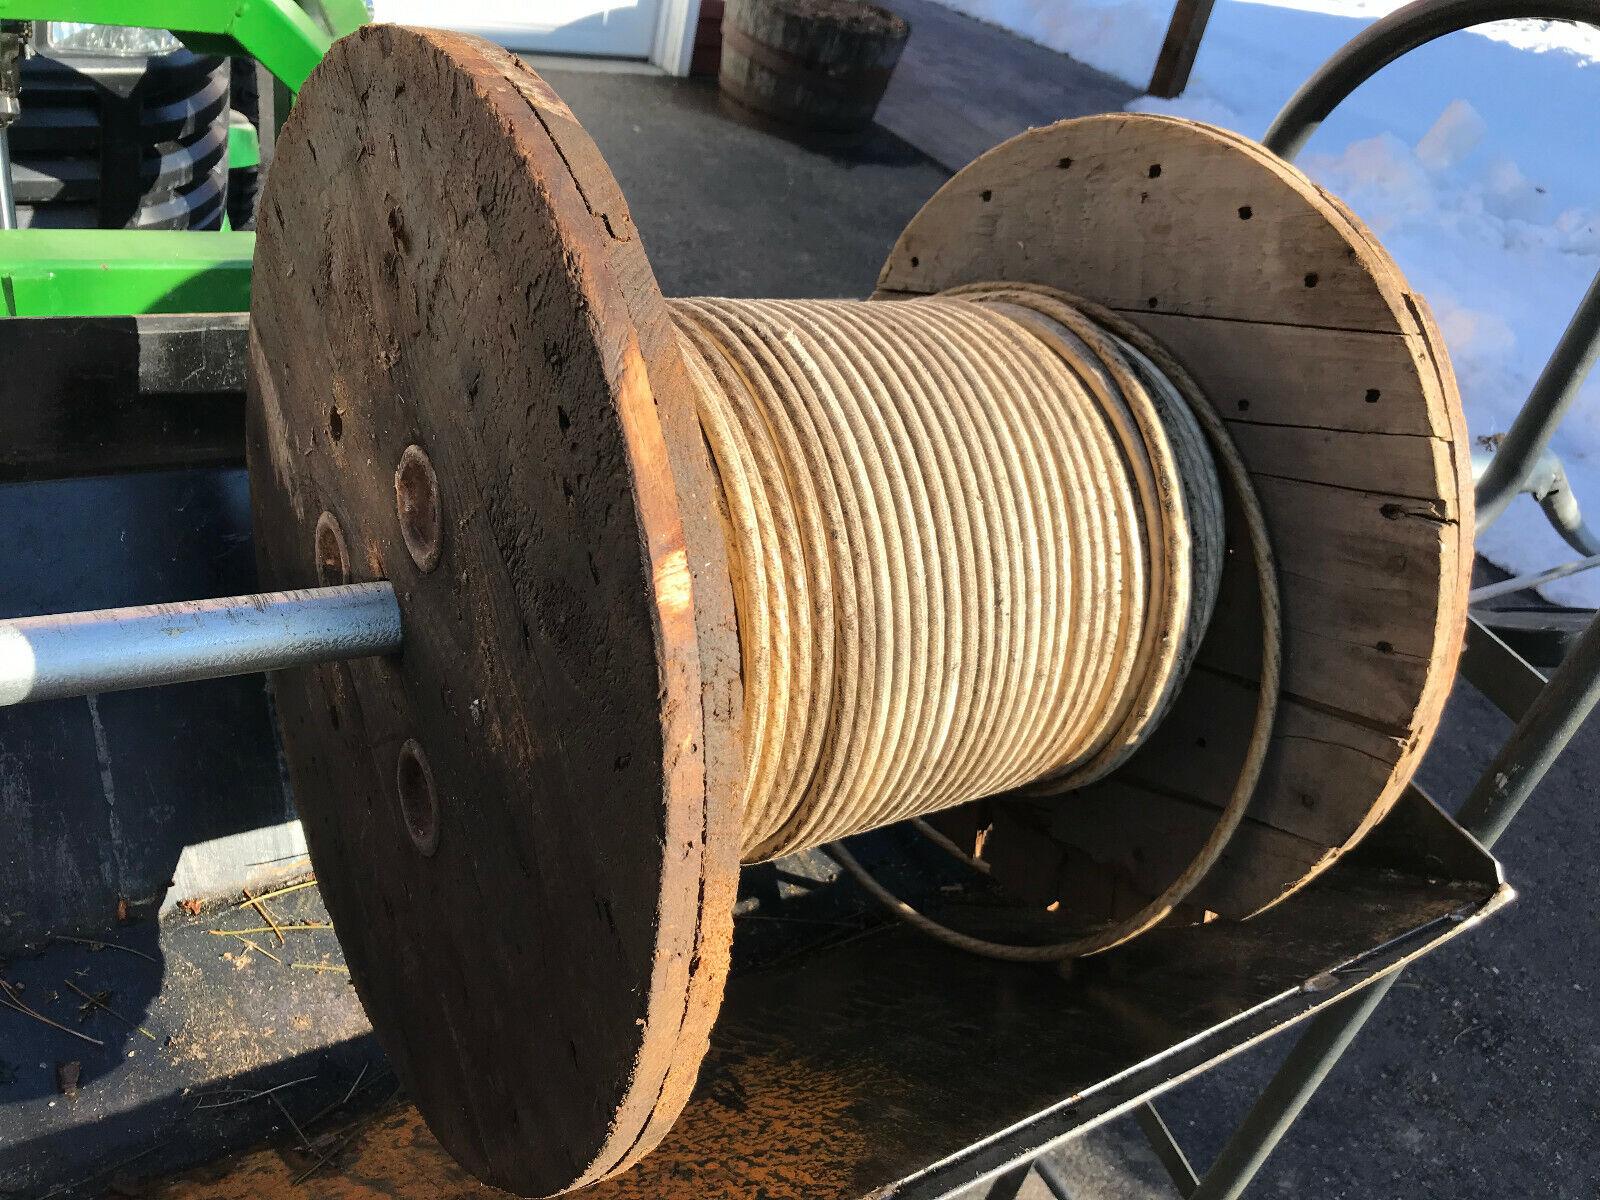 320' carrete de cable de la batería avión aviación nos